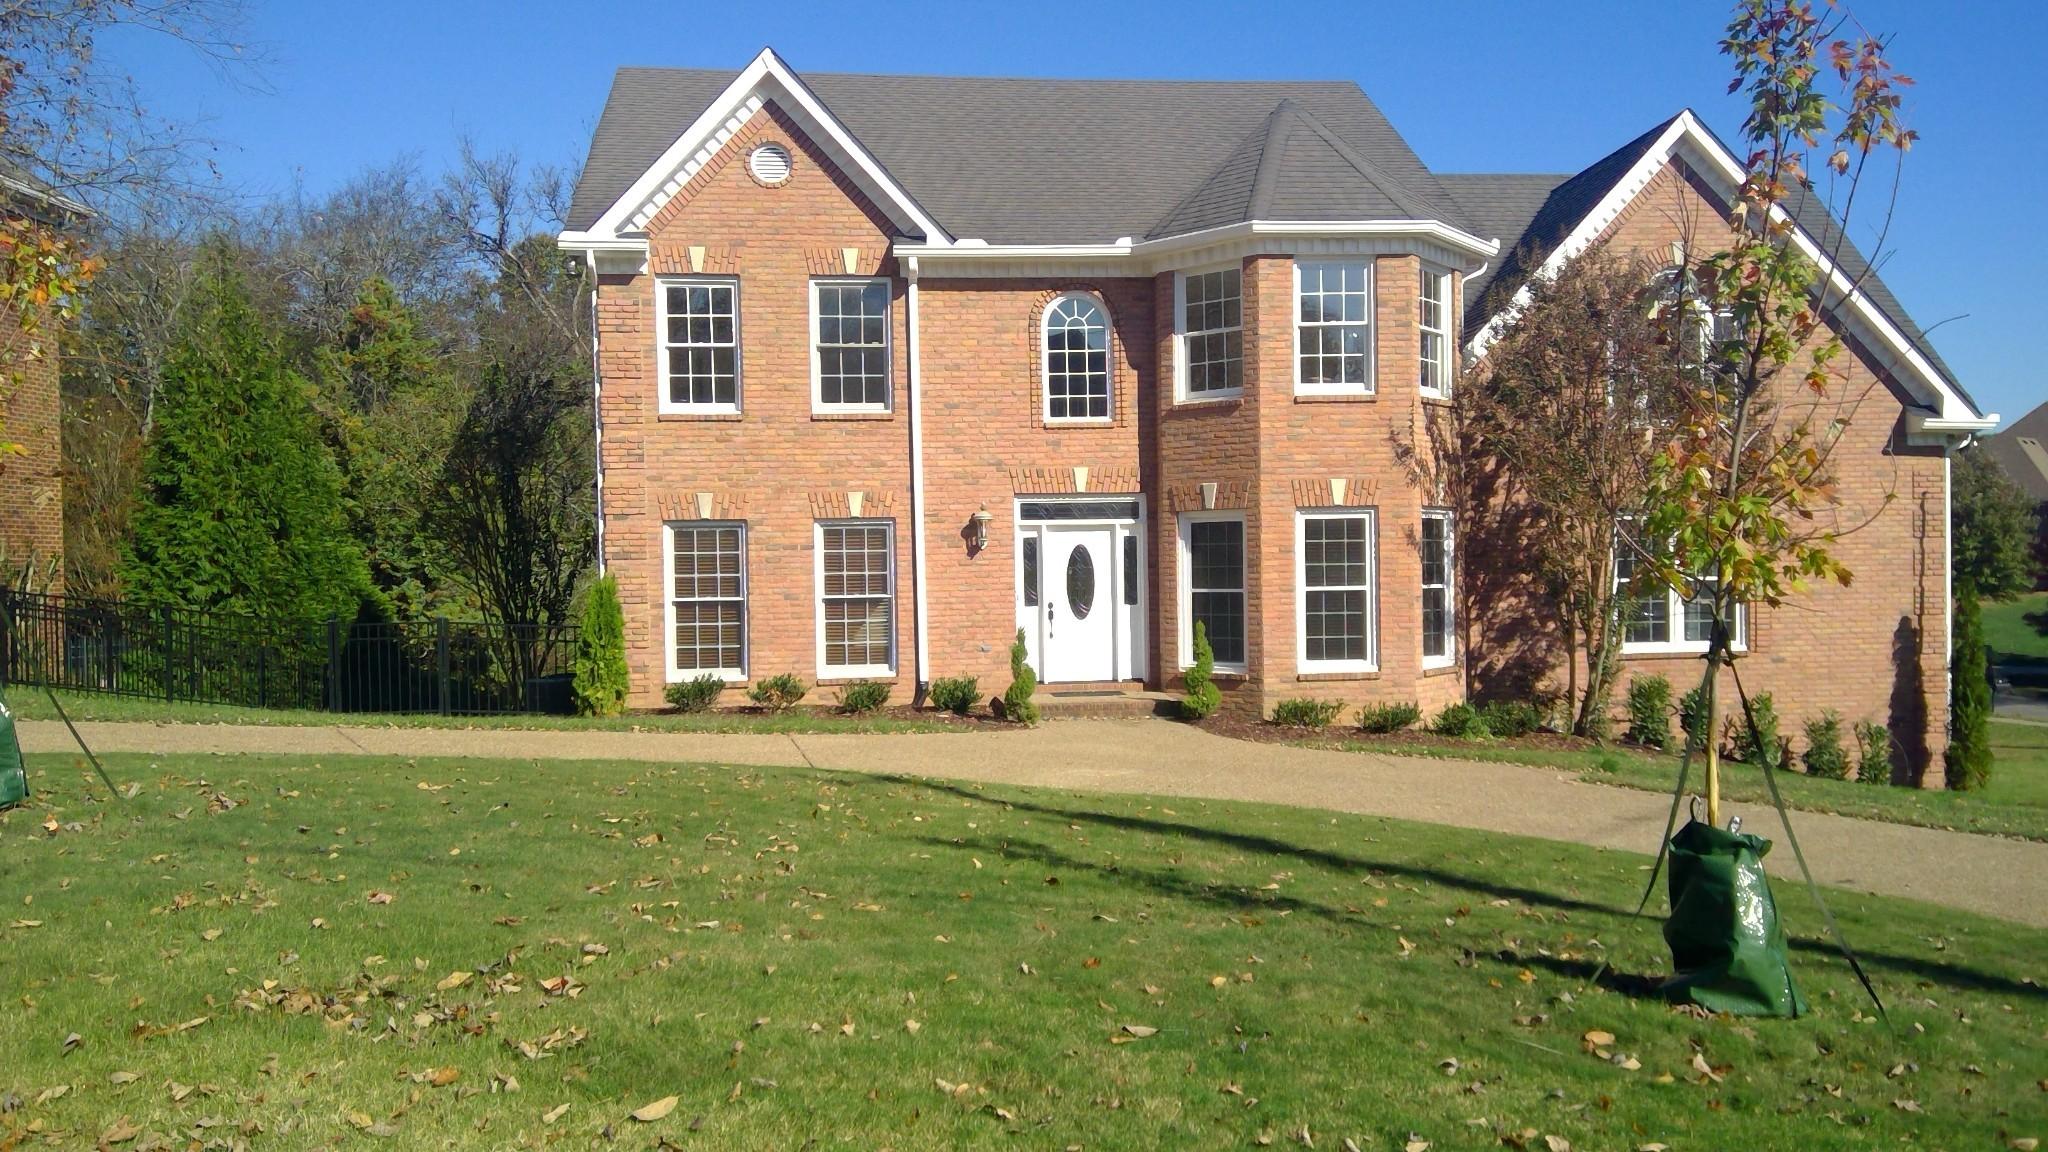 132 Natchez Dr, Hendersonville, TN 37075 - Hendersonville, TN real estate listing